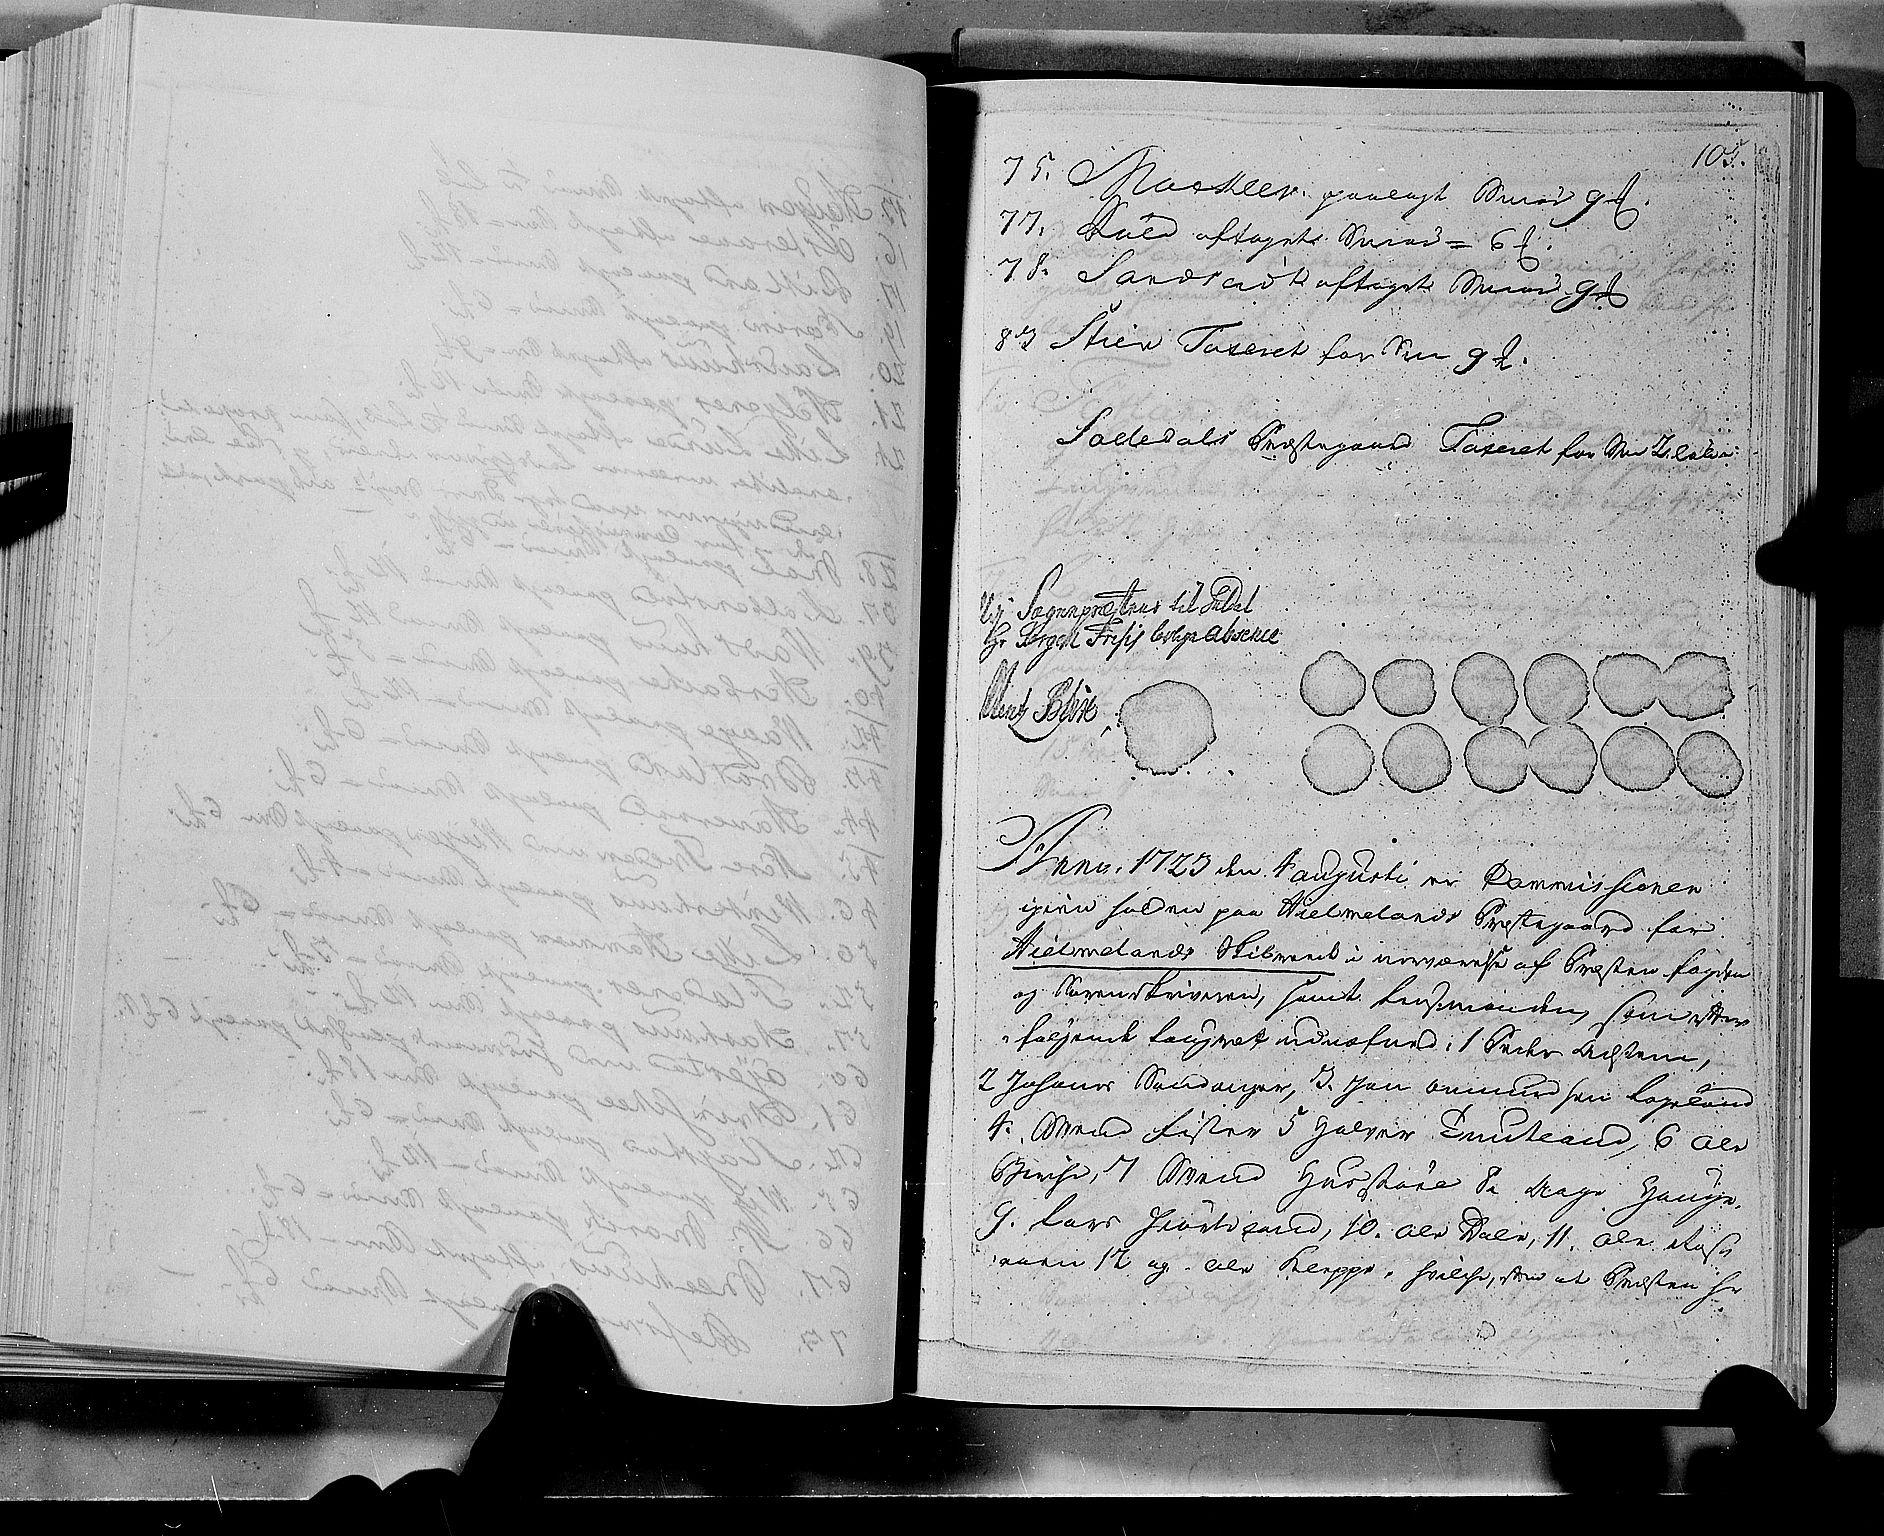 RA, Rentekammeret inntil 1814, Realistisk ordnet avdeling, N/Nb/Nbf/L0133a: Ryfylke eksaminasjonsprotokoll, 1723, s. 105a